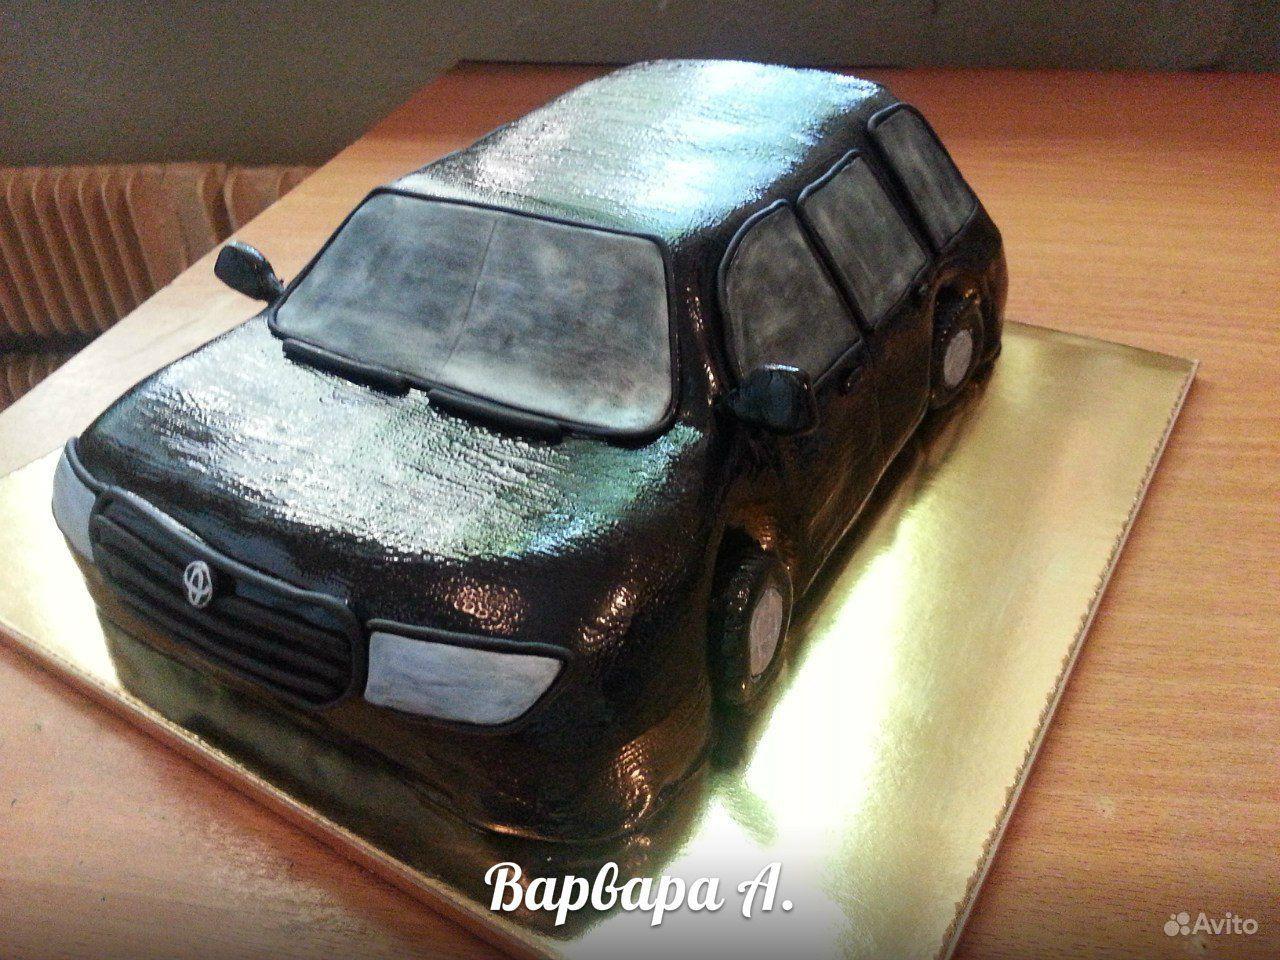 Испеку домашние торты на заказ в Челябинске.